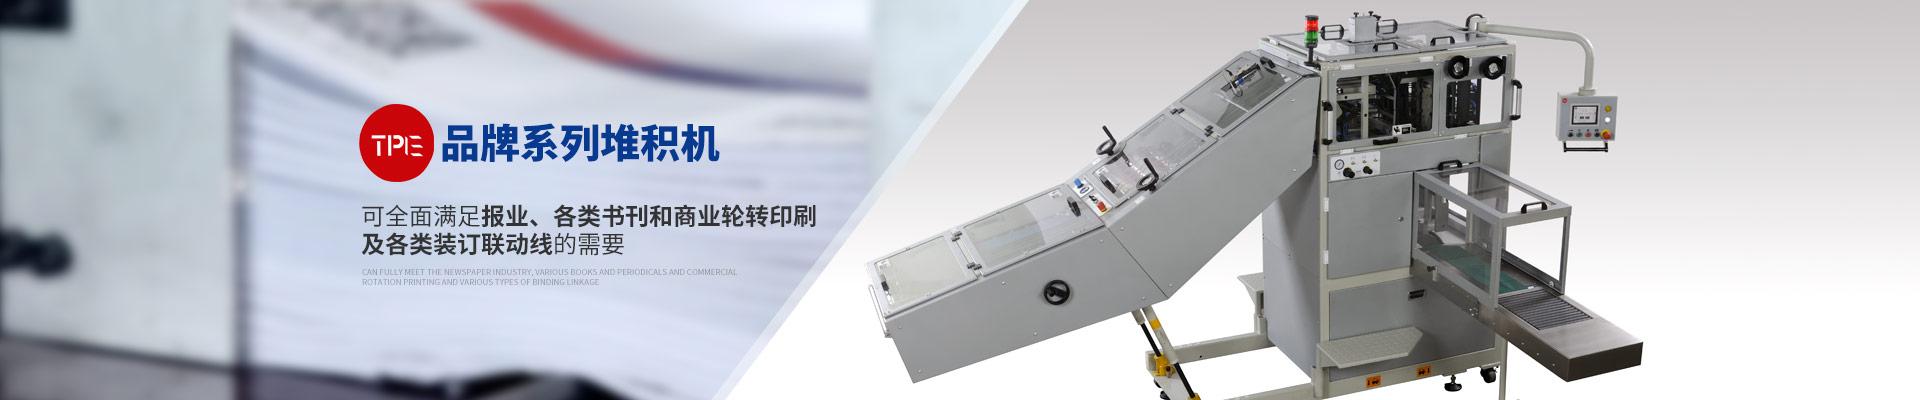 TPE品牌系列堆积机,可全面满足报业、各类书刊和商业轮转印刷及各类装订联动线的需要